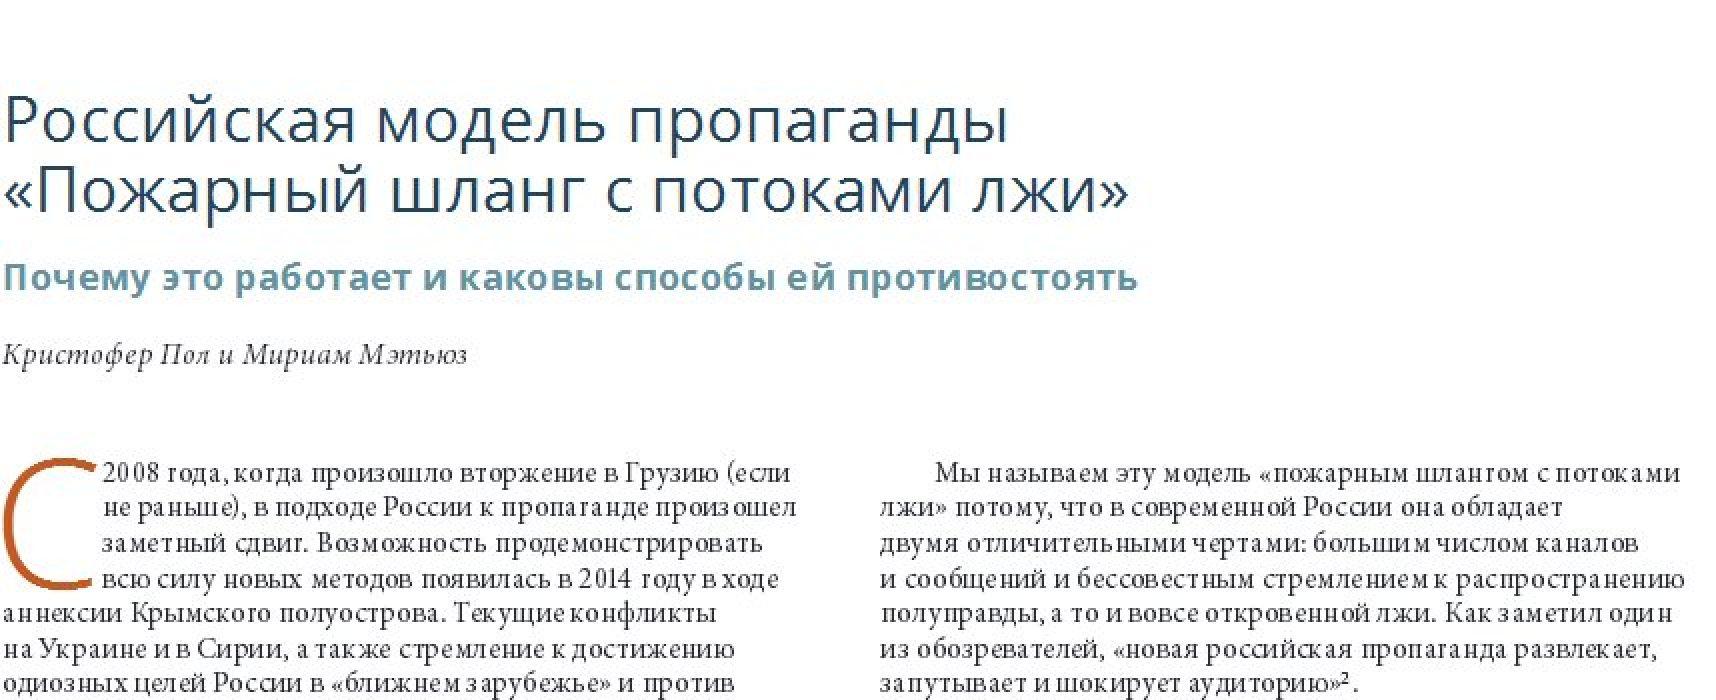 """Руският модел на пропаганда е """"Пожарен маркуч, от който се изливат потоци лъжи"""""""